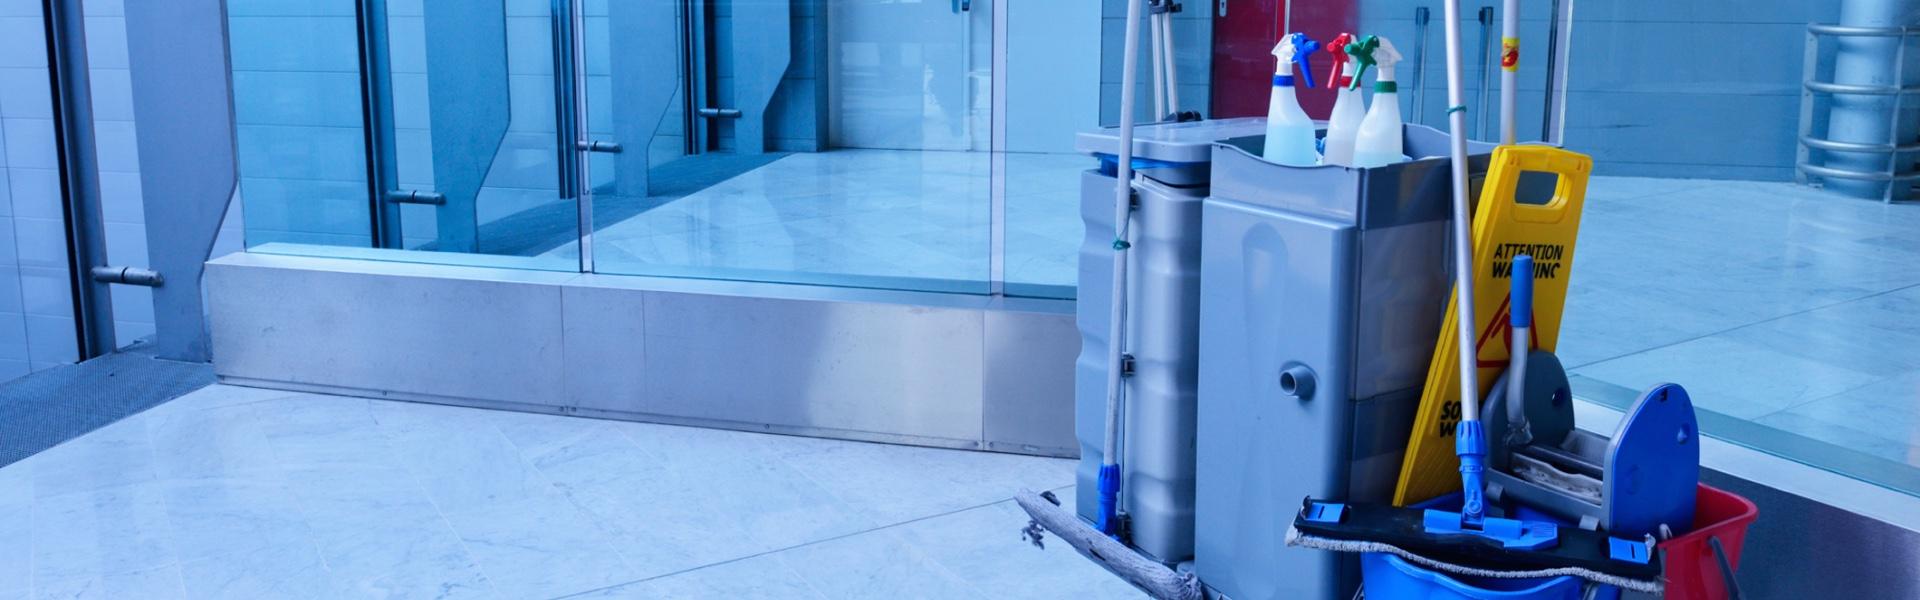 floorman-schoonmaakbedrijf-haarlem-slider5